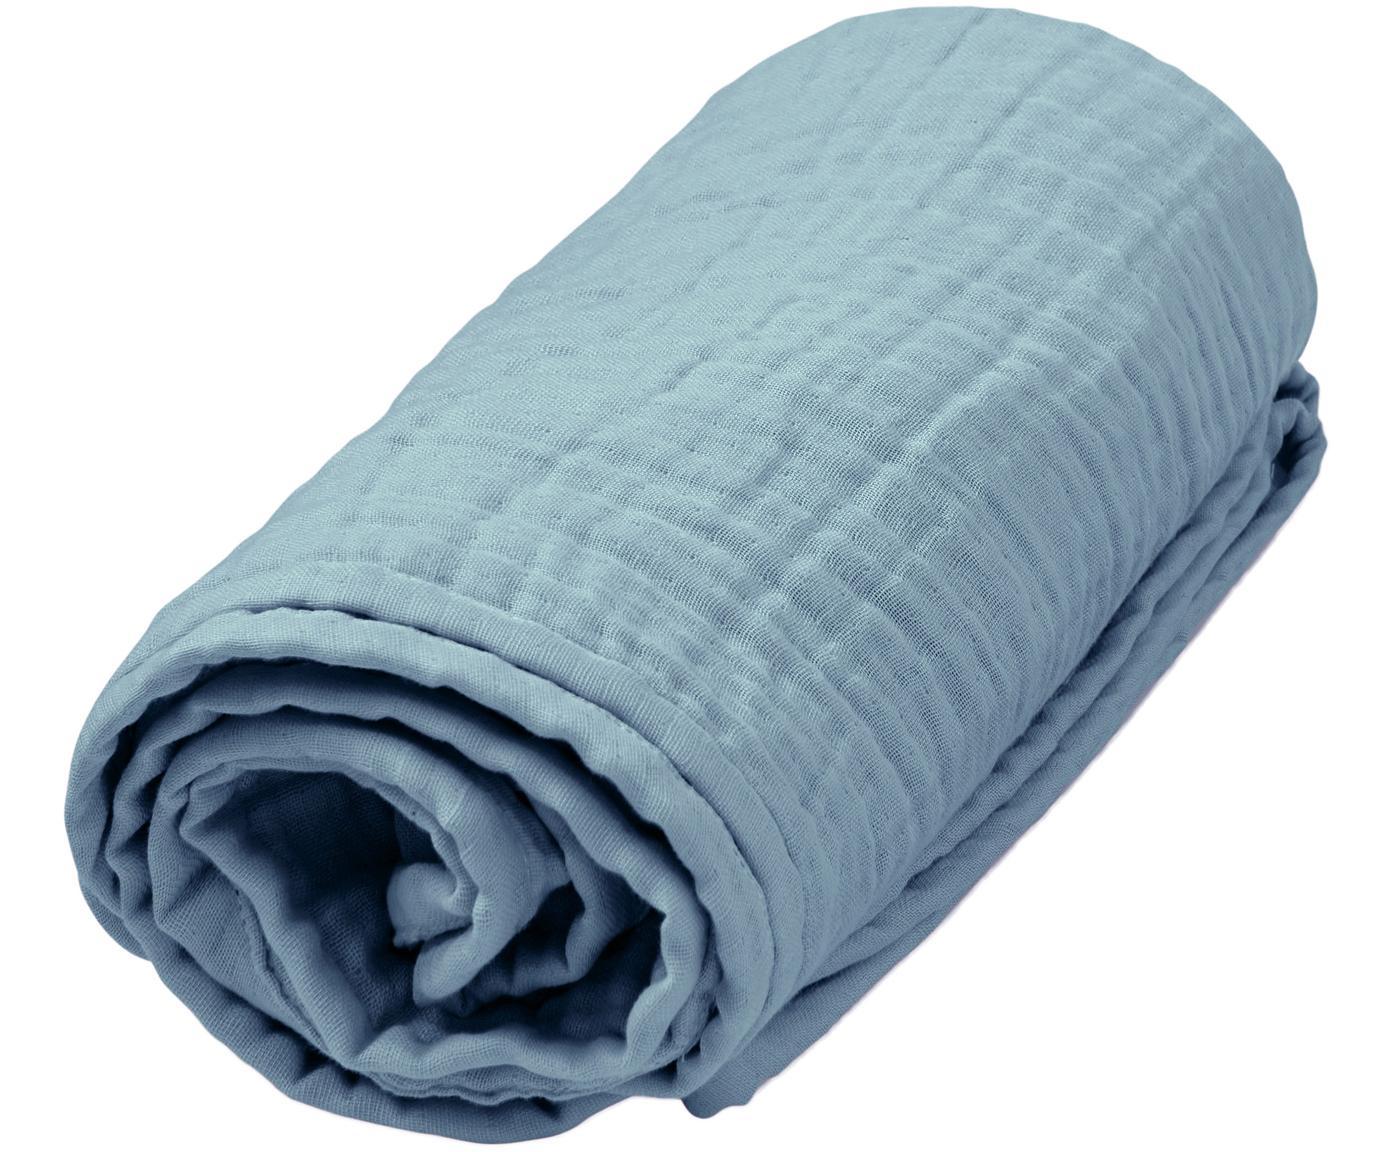 Manta de muselina Sensitive, Algodón orgánico, Azul, An 100 x L 100 cm